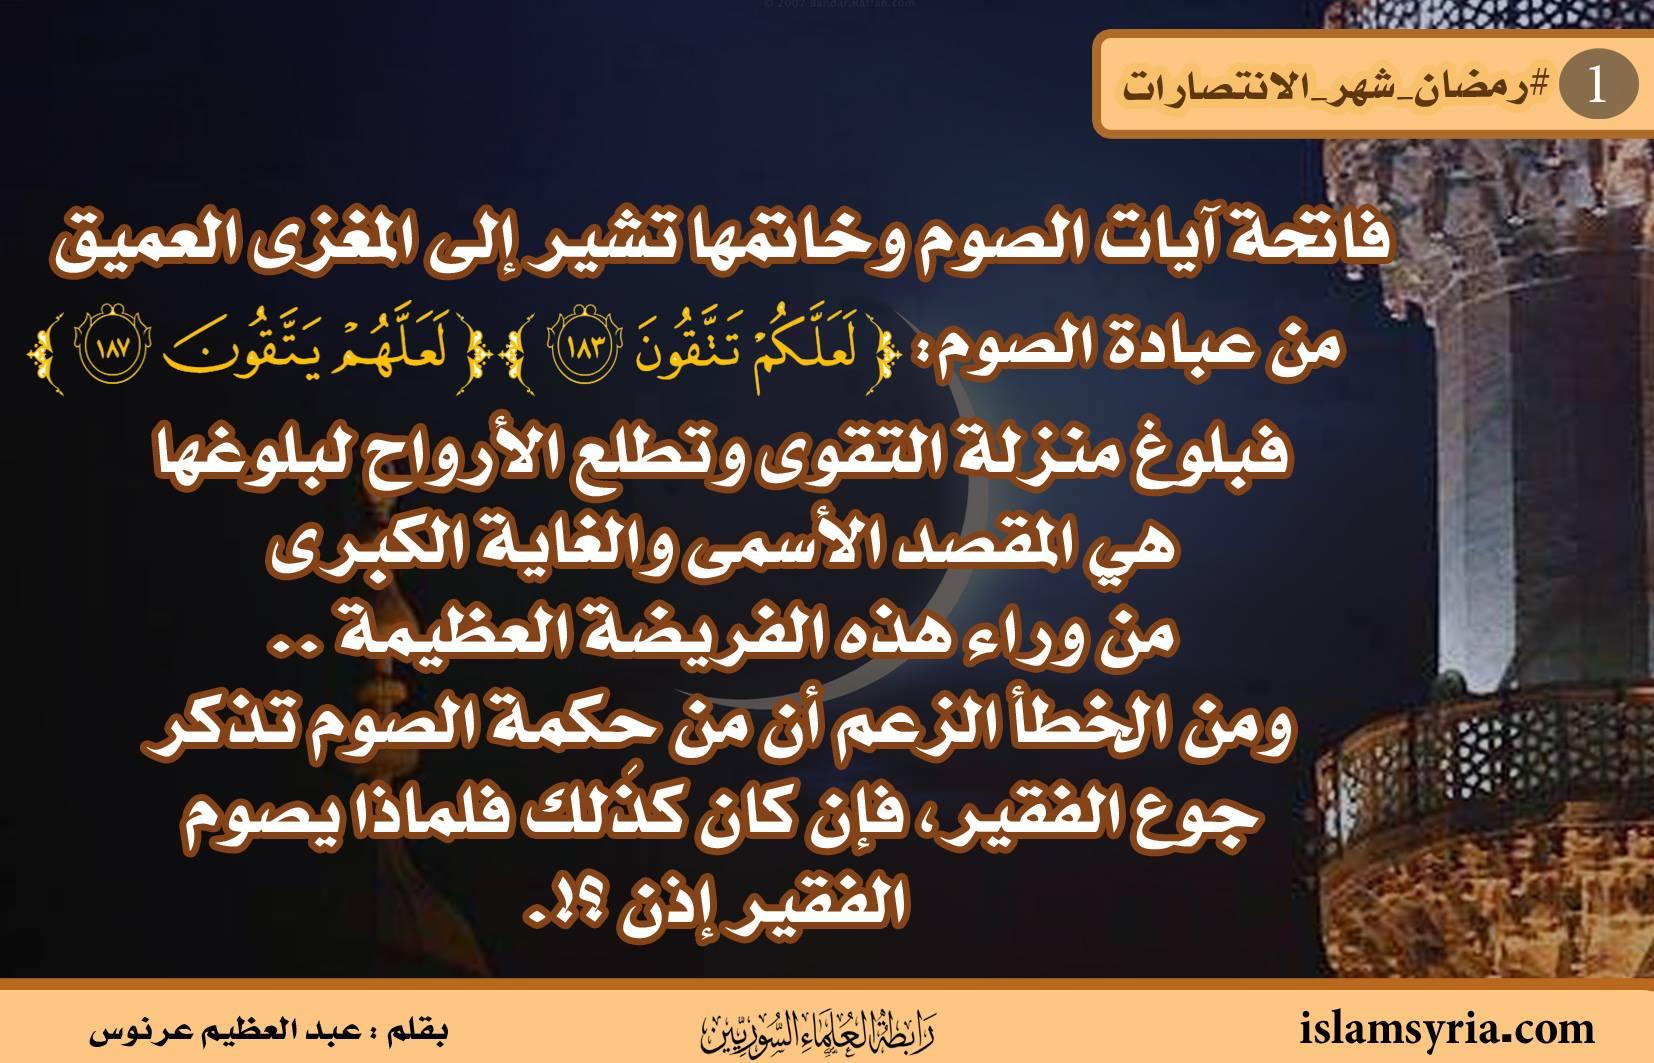 رمضان شهر الانتصارات||عبد العظيم عرنوس